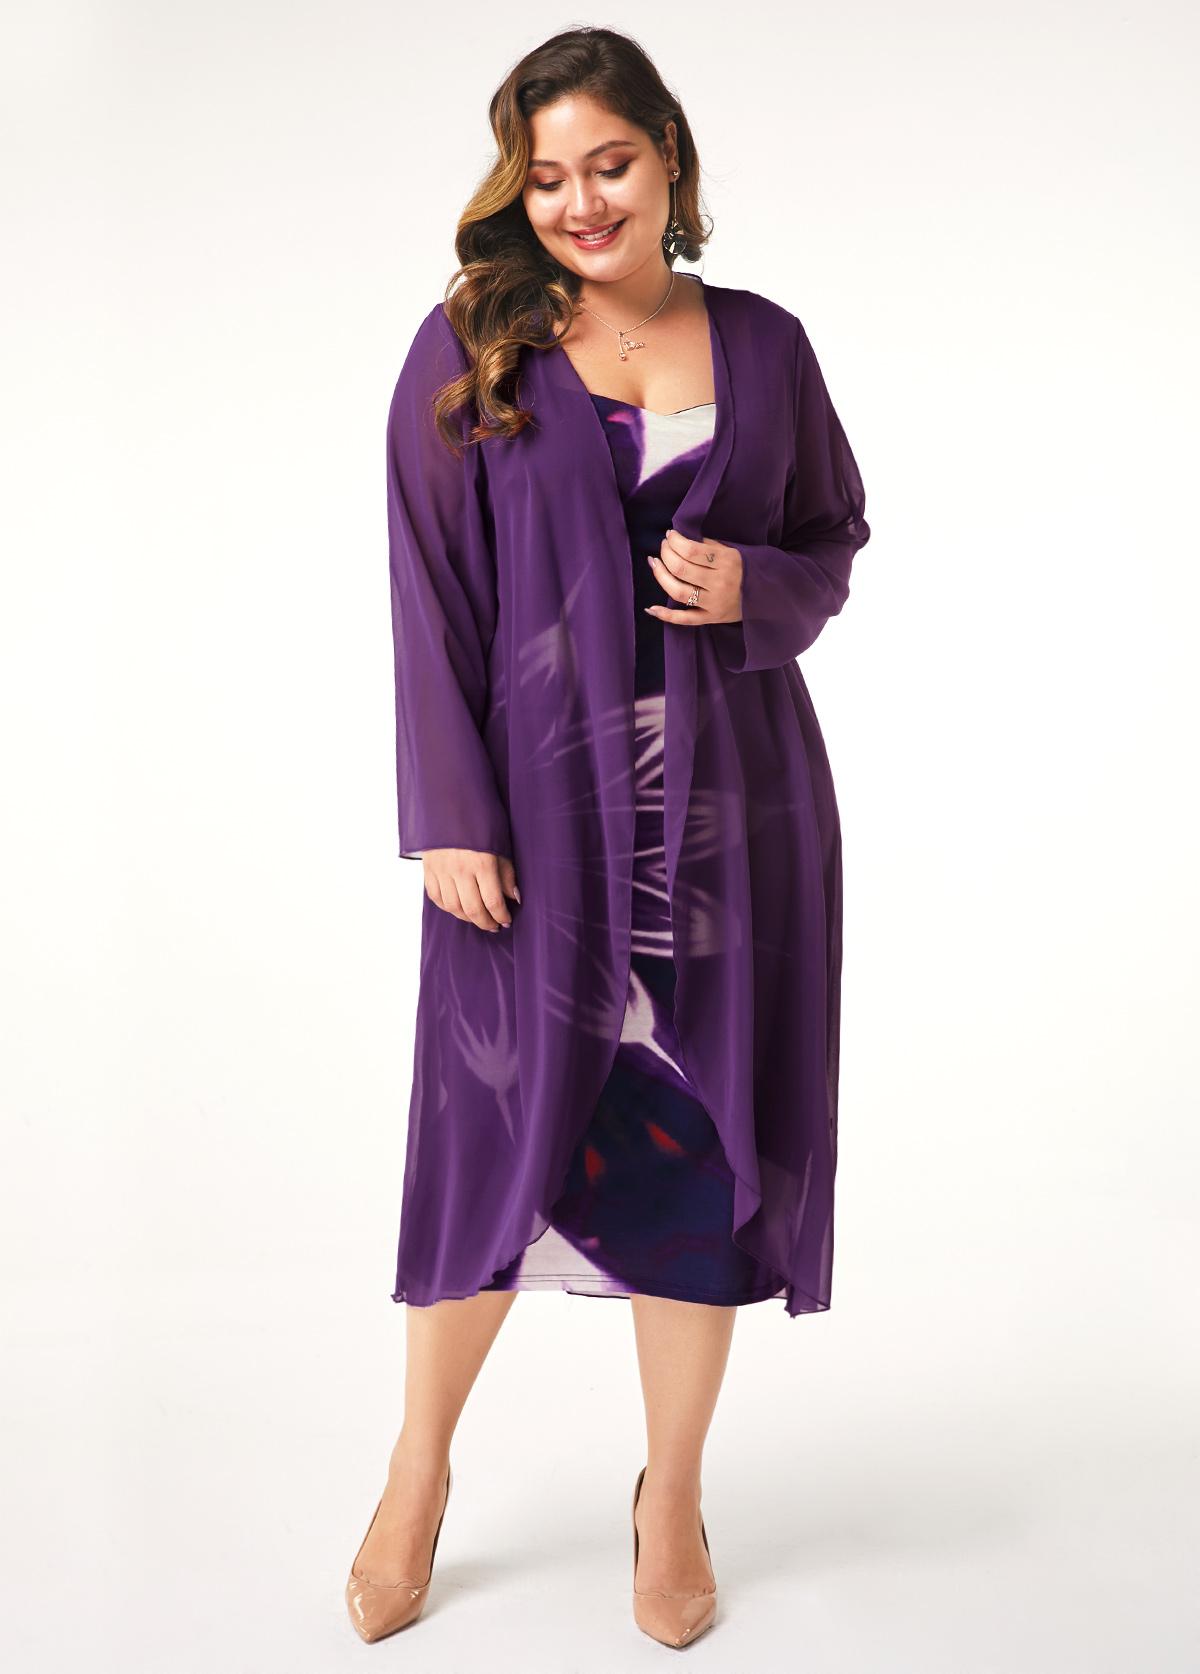 Plus Size Chiffon Cardigan and Printed Dress